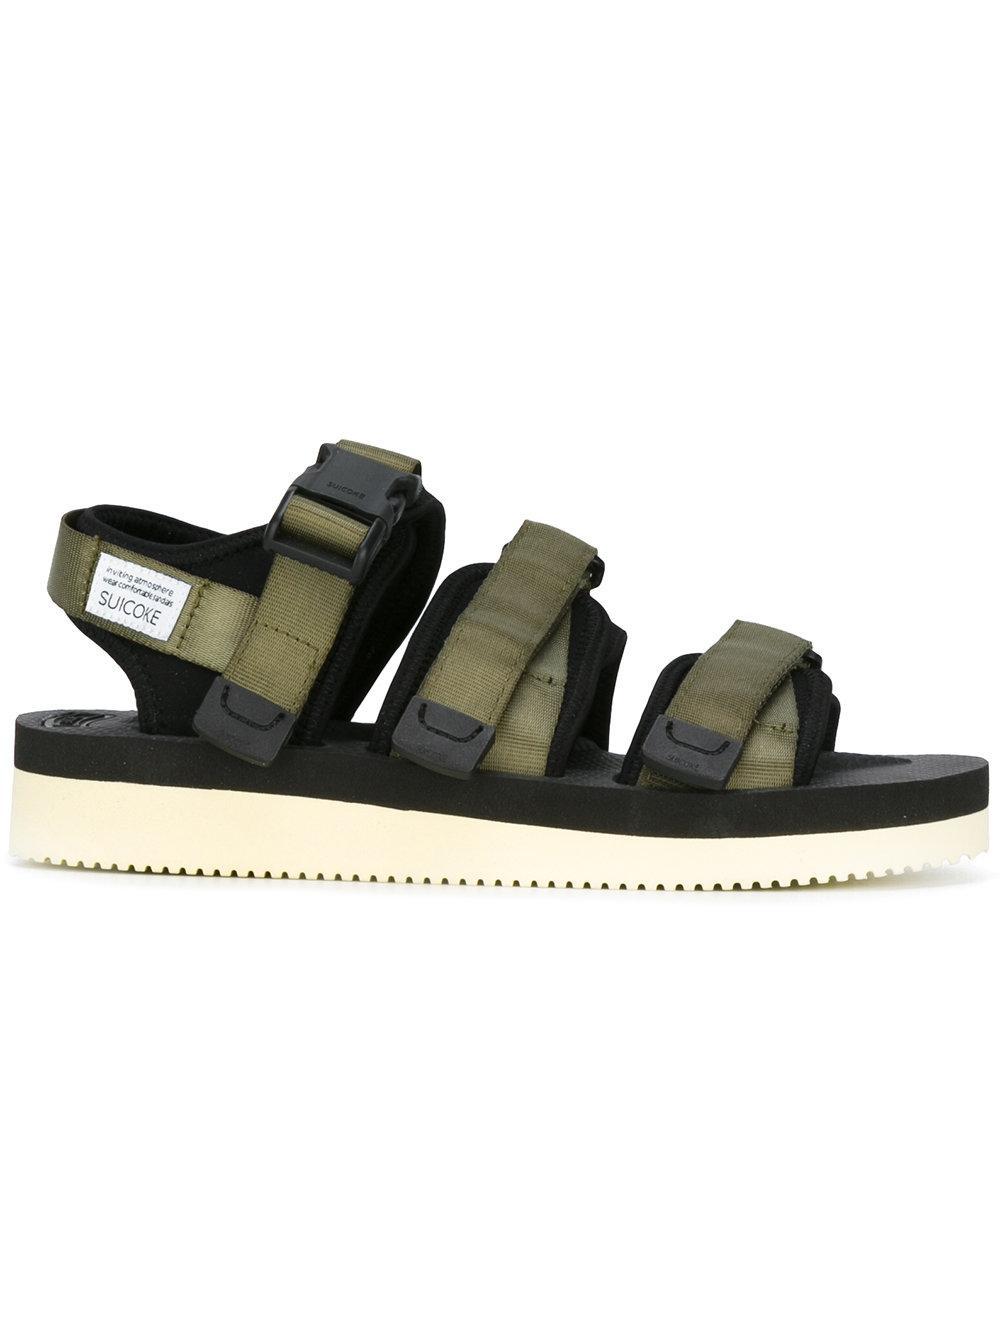 Suicoke Buckle Strap Sandals In Green For Men Lyst